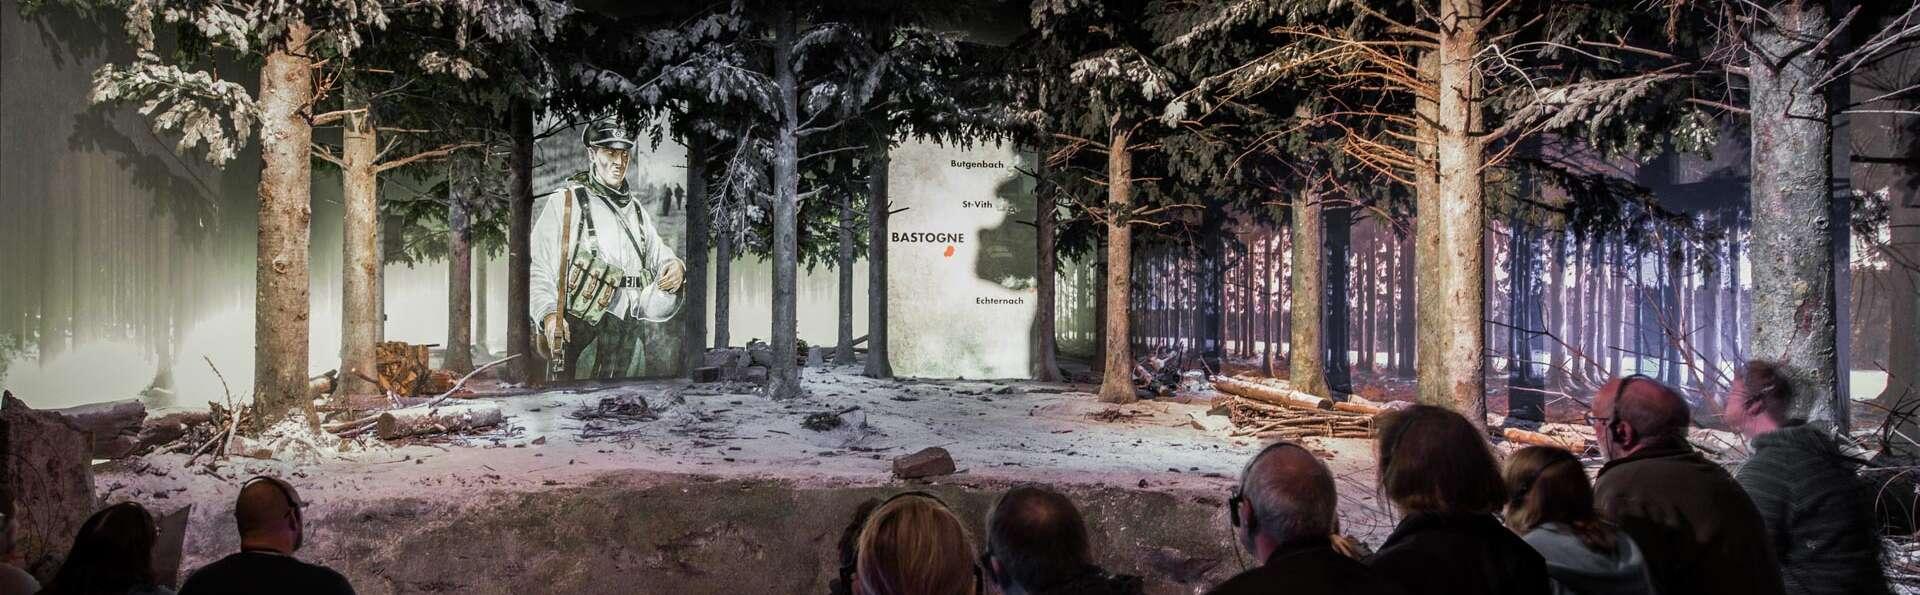 Estancia en el corazón de Ardenas con entradas para el Bastogne War Museum